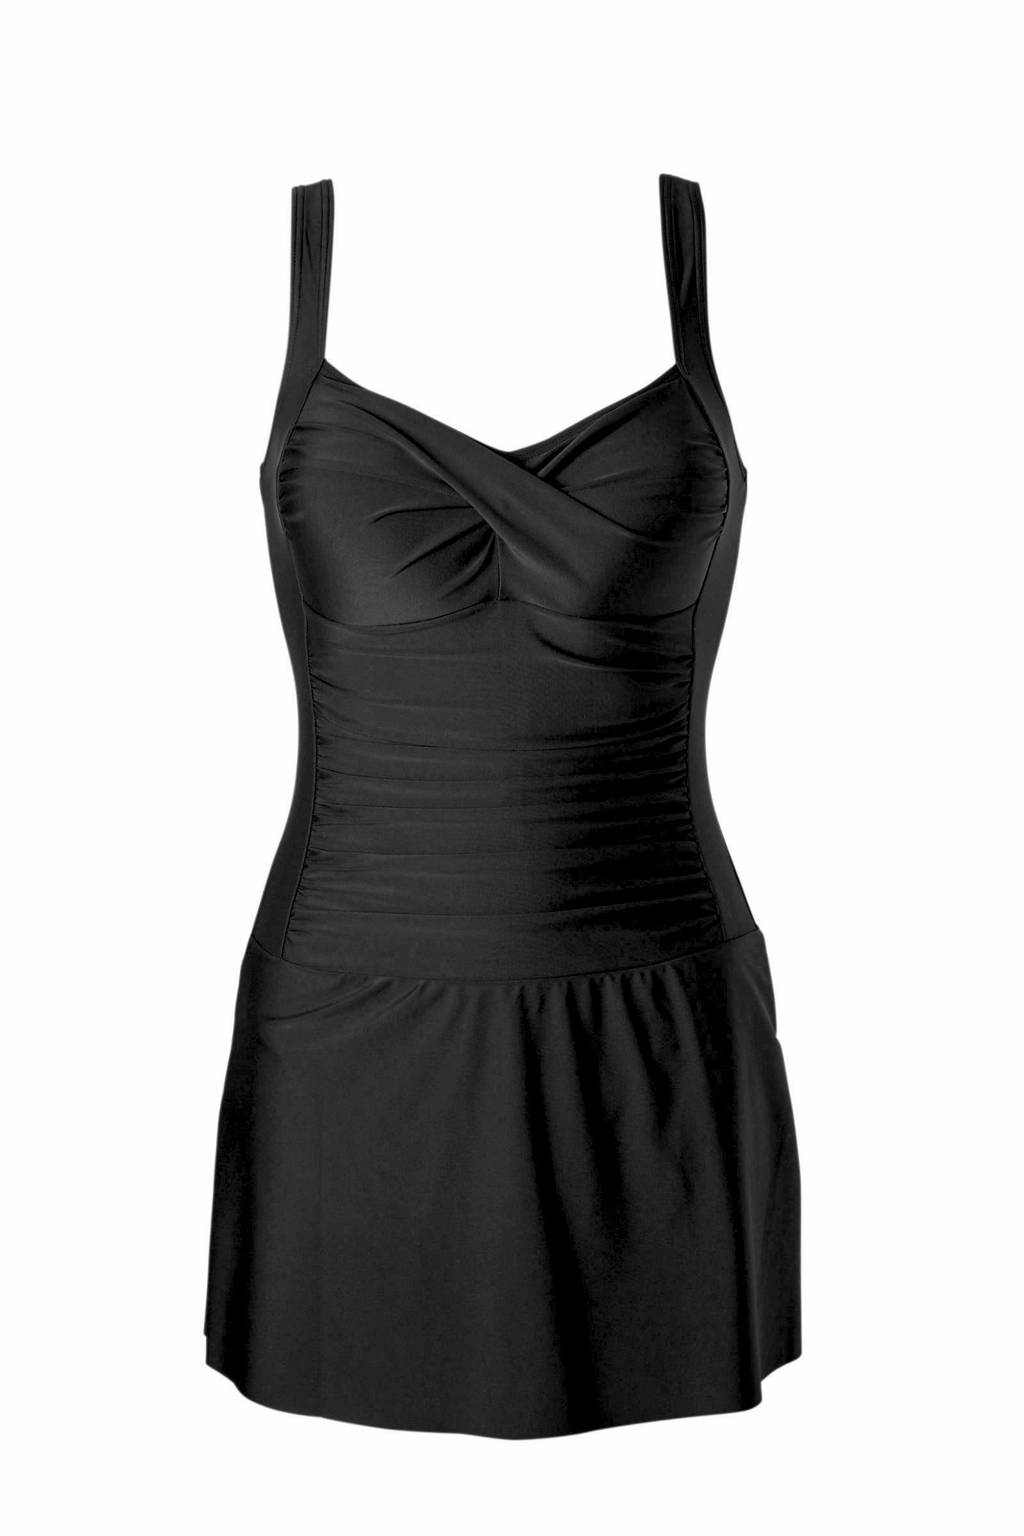 whkmp's beachwave corrigerend badpakjurk met plooi details zwart, Zwart